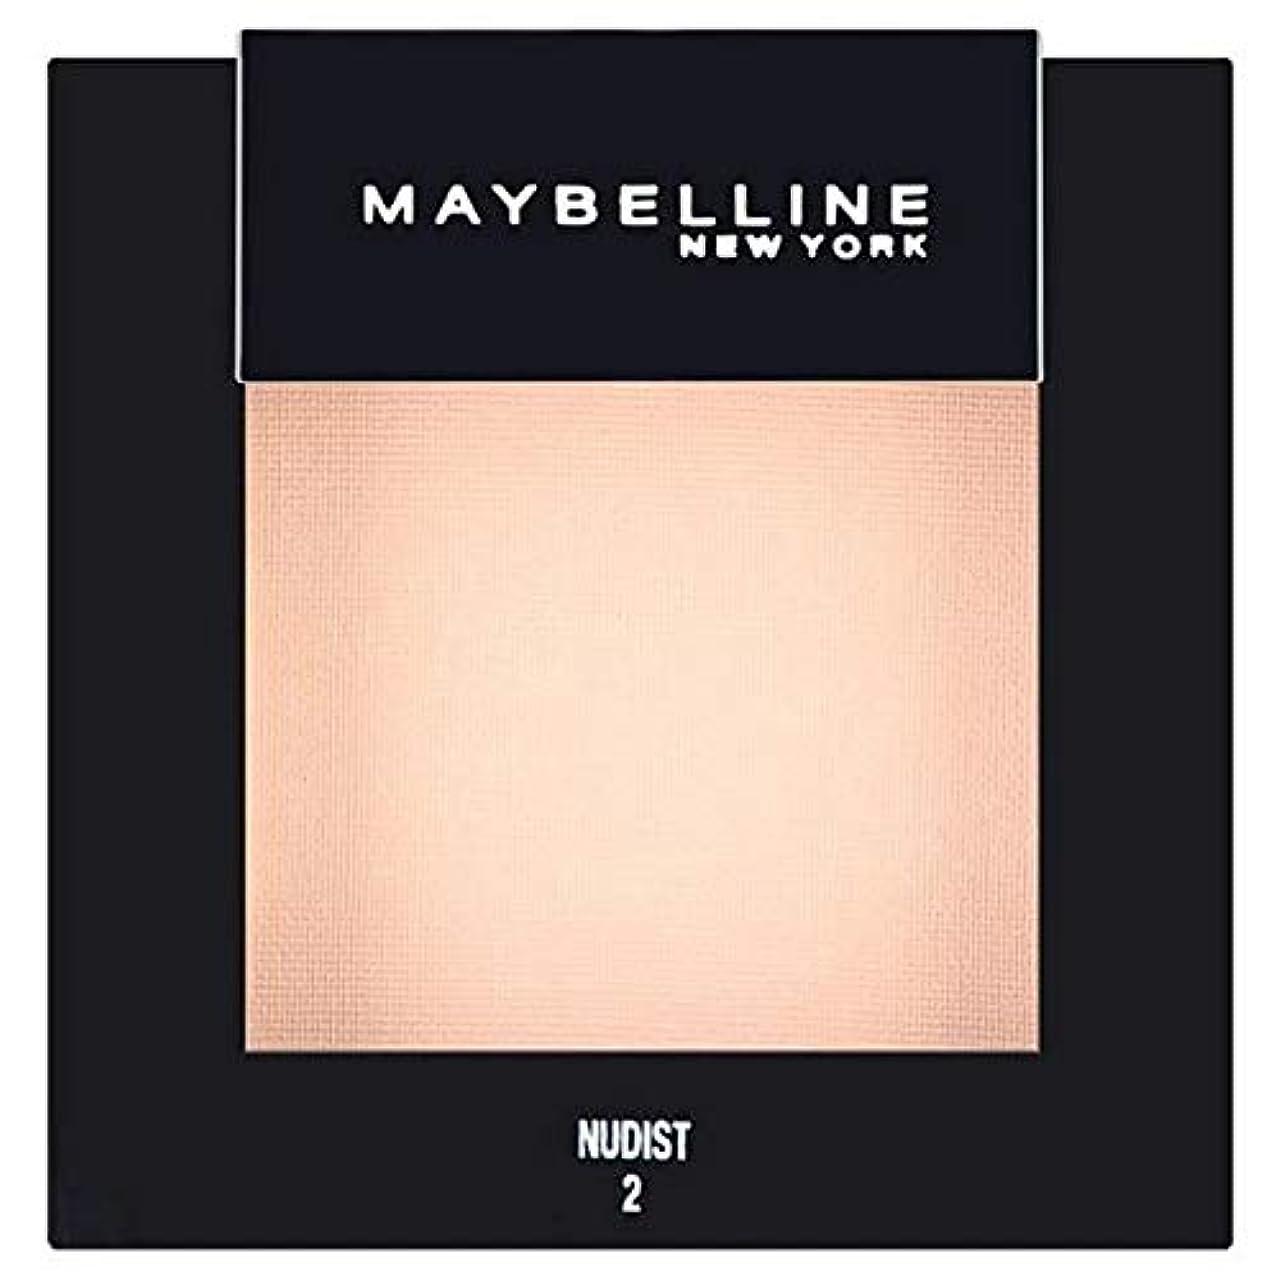 あざペルソナ多分[Maybelline ] メイベリンカラーショーシングルアイシャドウ02ヌーディスト - Maybelline Color Show Single Eyeshadow 02 Nudist [並行輸入品]